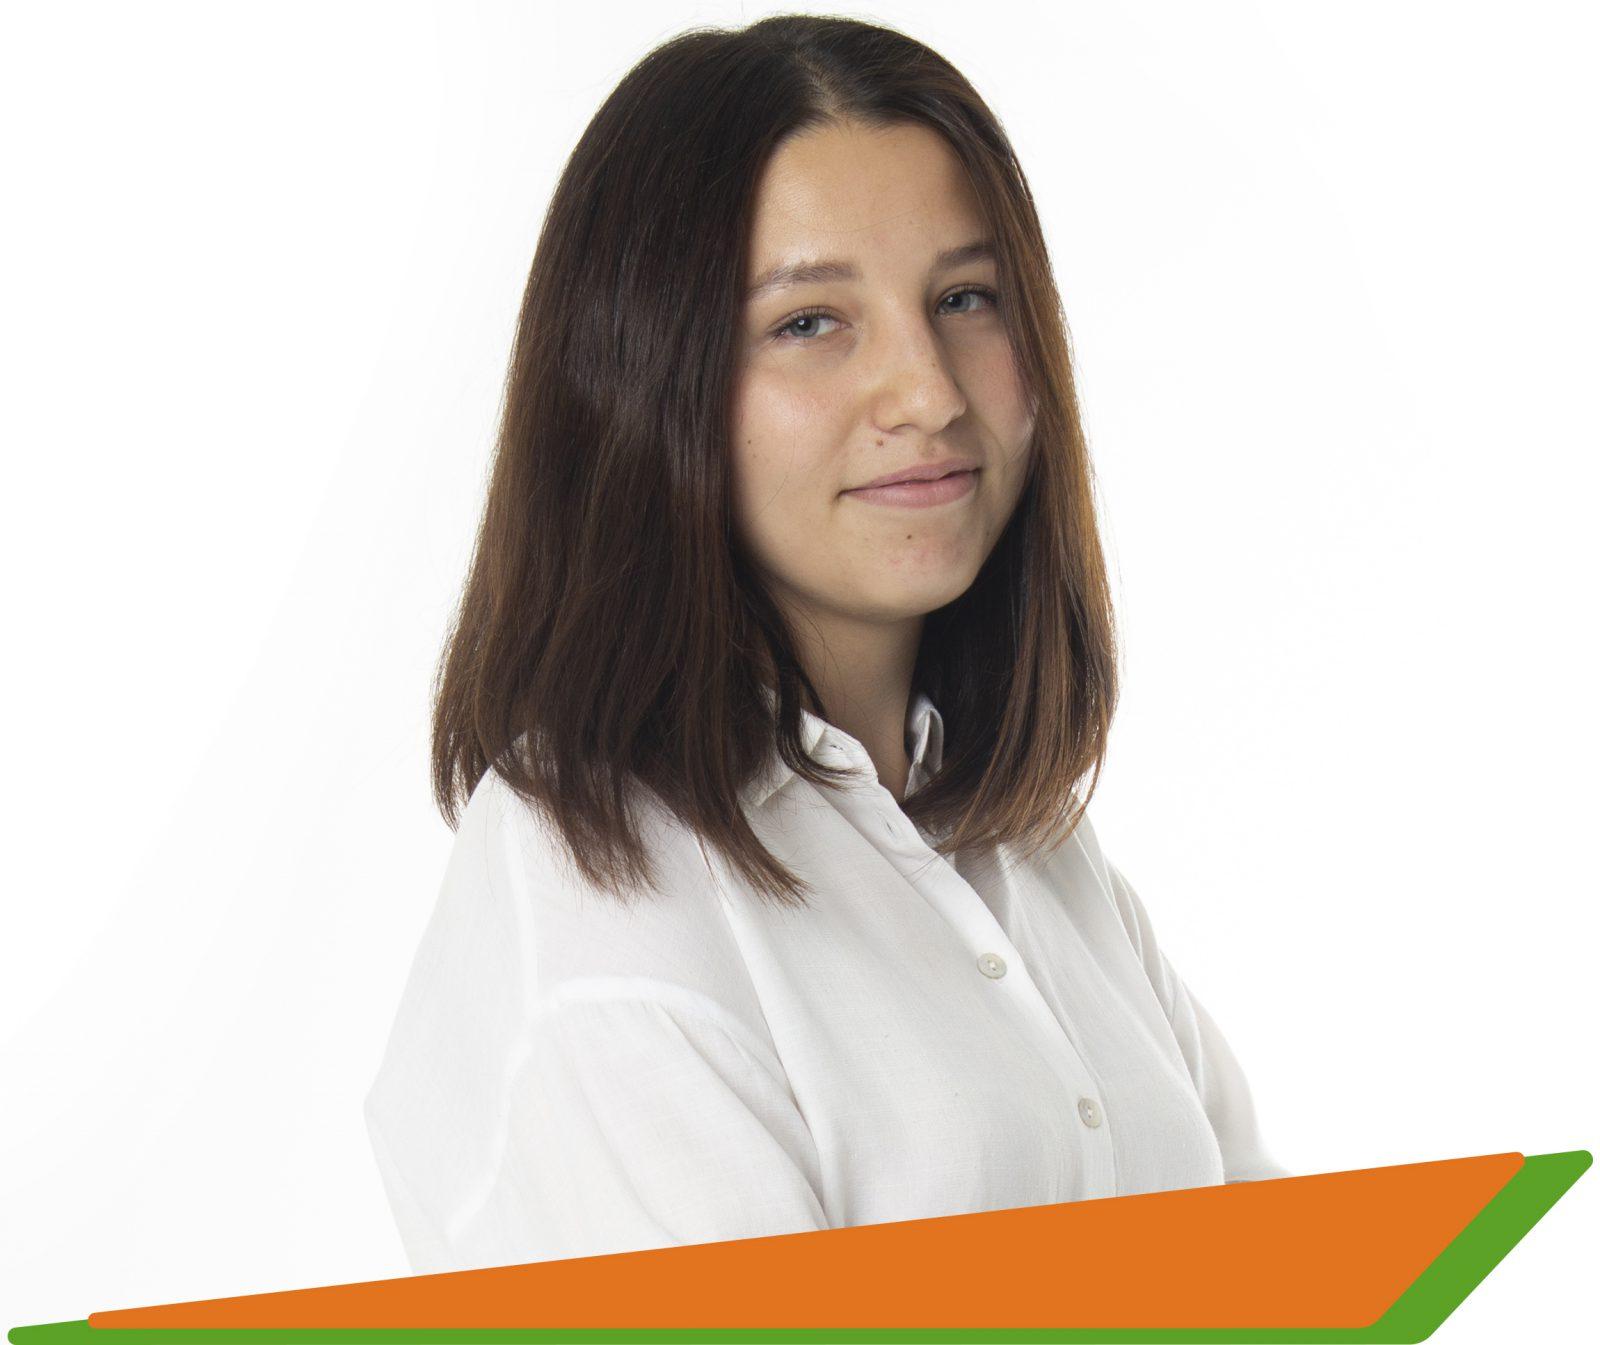 Васильева Алена Эдуардовна - преподаватель английского и немецкого языков